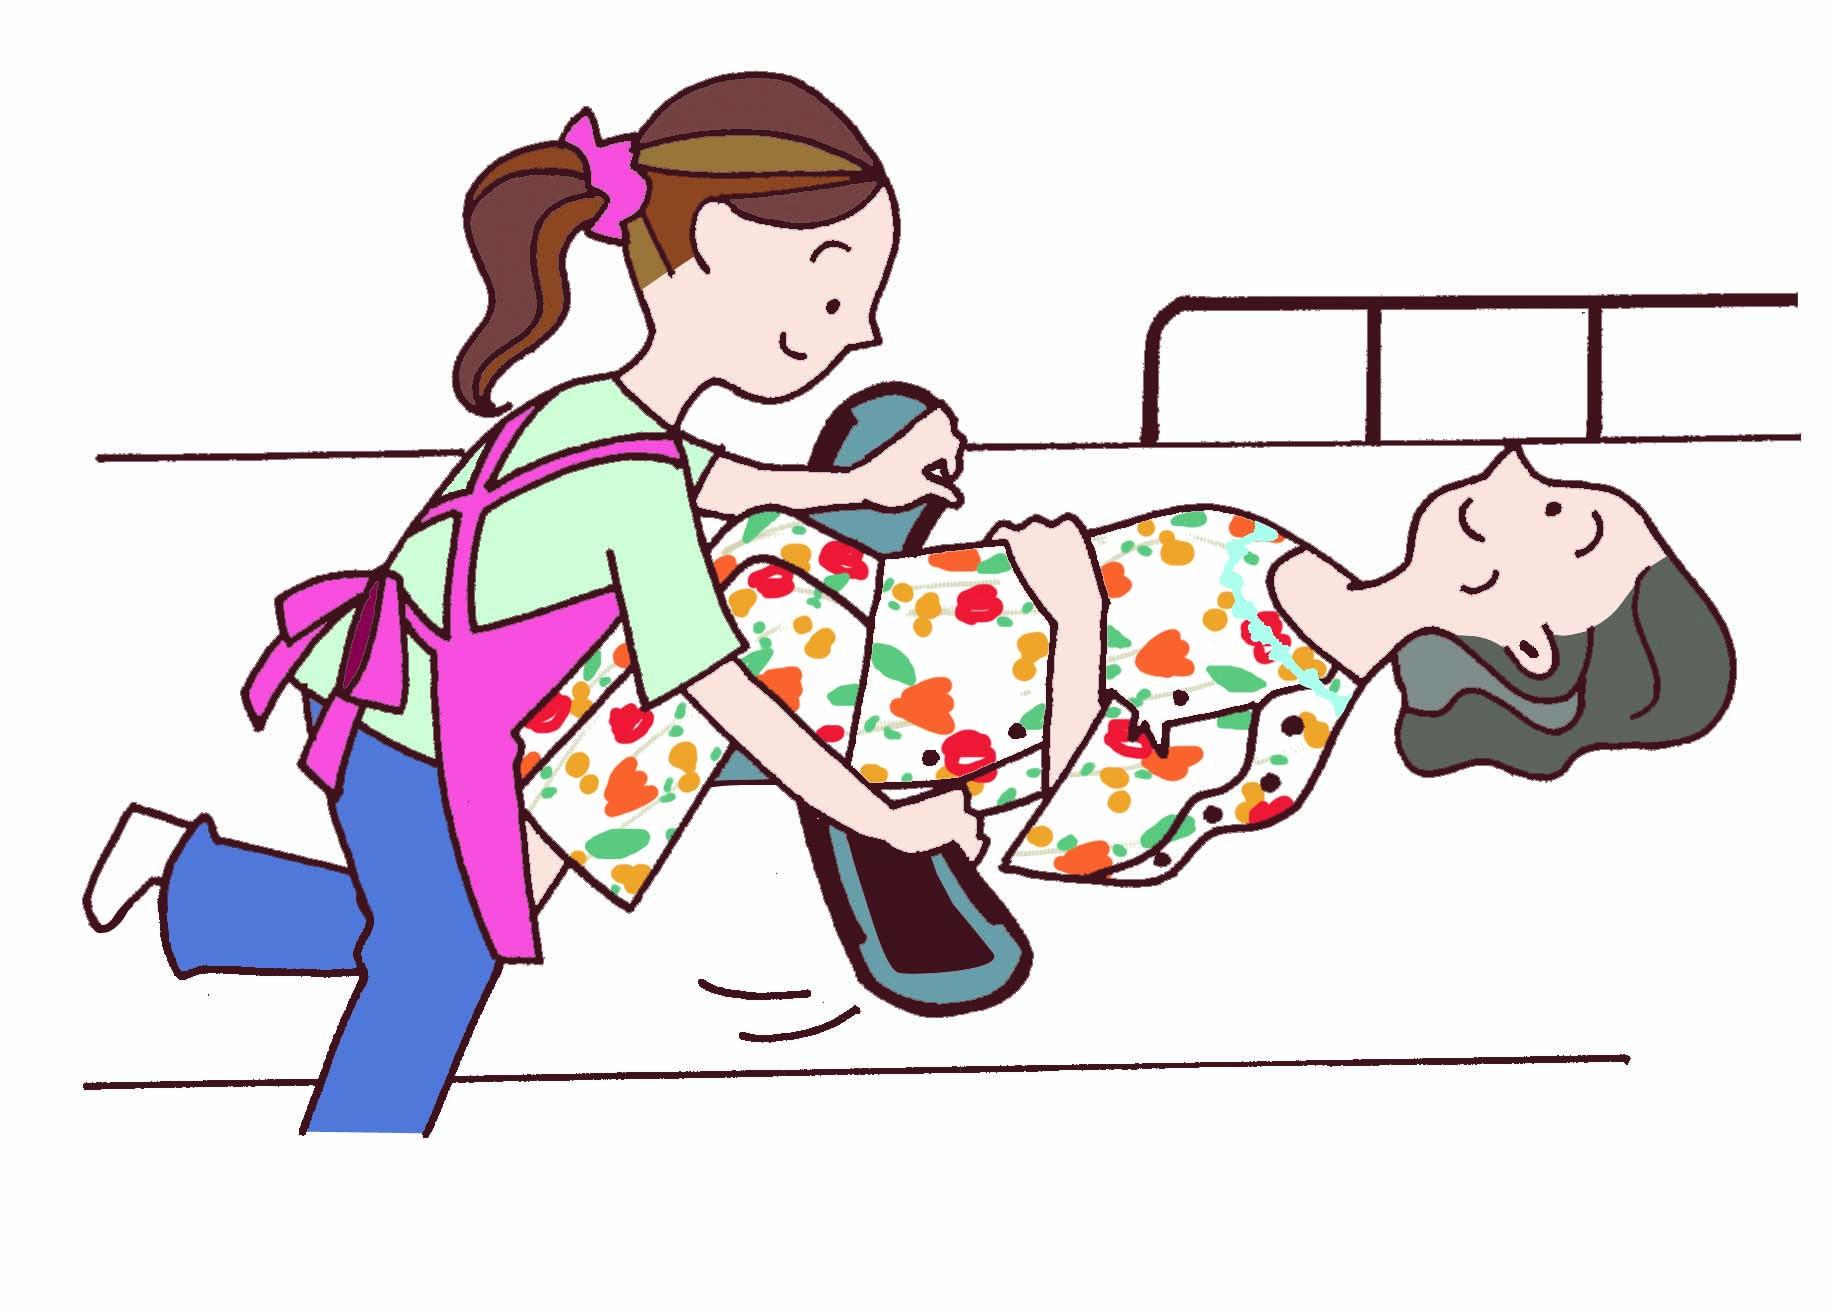 膝の下からキャリコルを滑らせ、ピンと張って腰の下に置きます